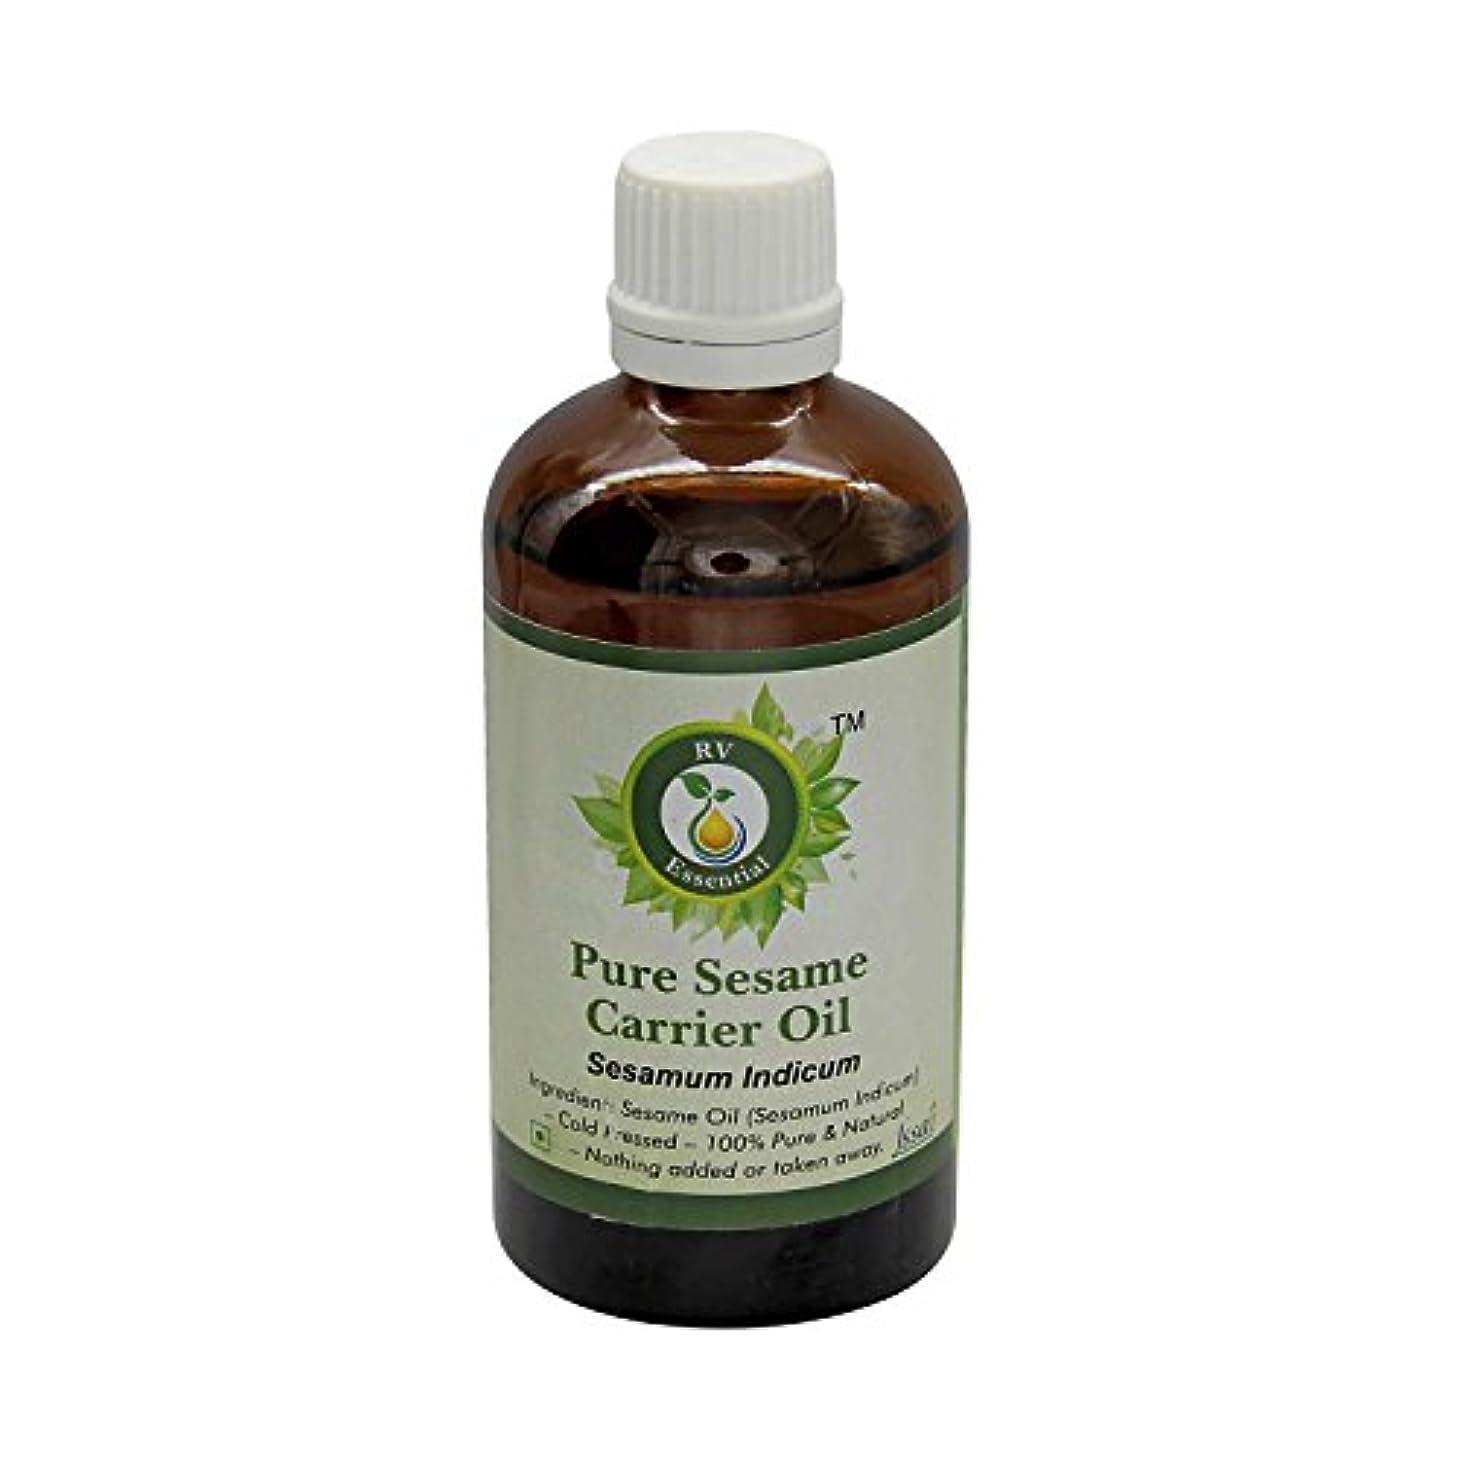 贅沢な完了気づくR V Essential 純粋なごま油15ml (0.507oz)- Sesamum Indicum (100%ピュア&ナチュラルコールドPressed) Pure Sesame Carrier Oil